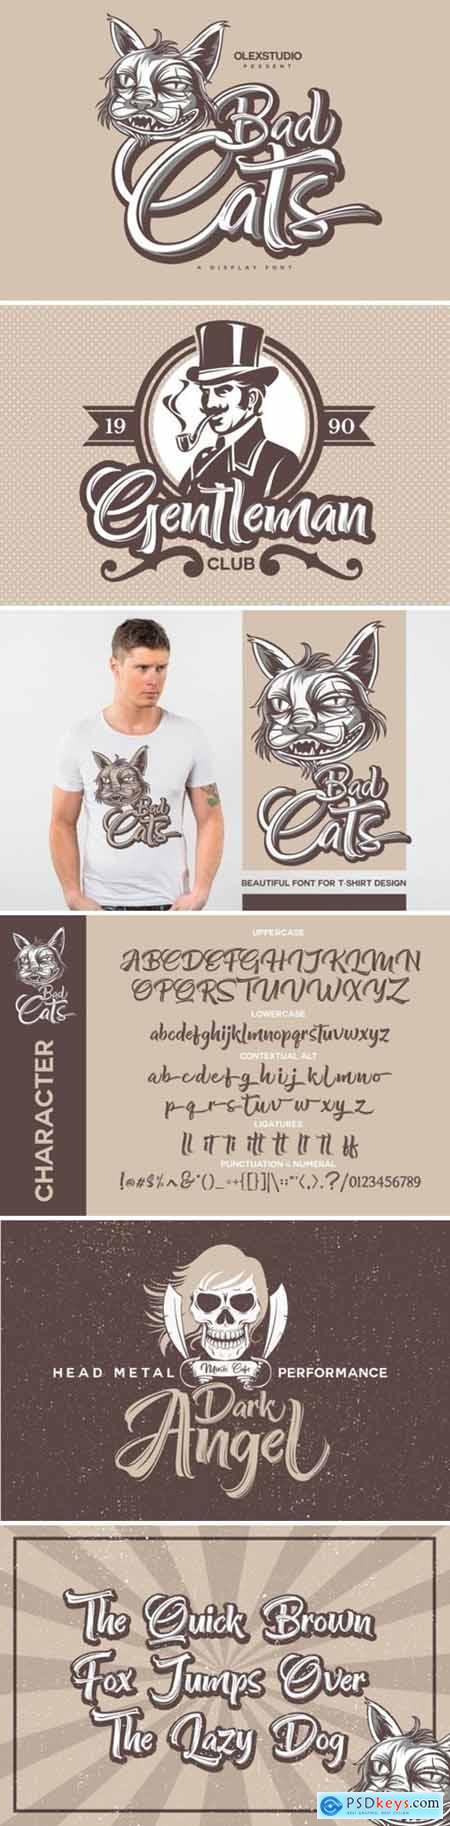 Bad Cats Font